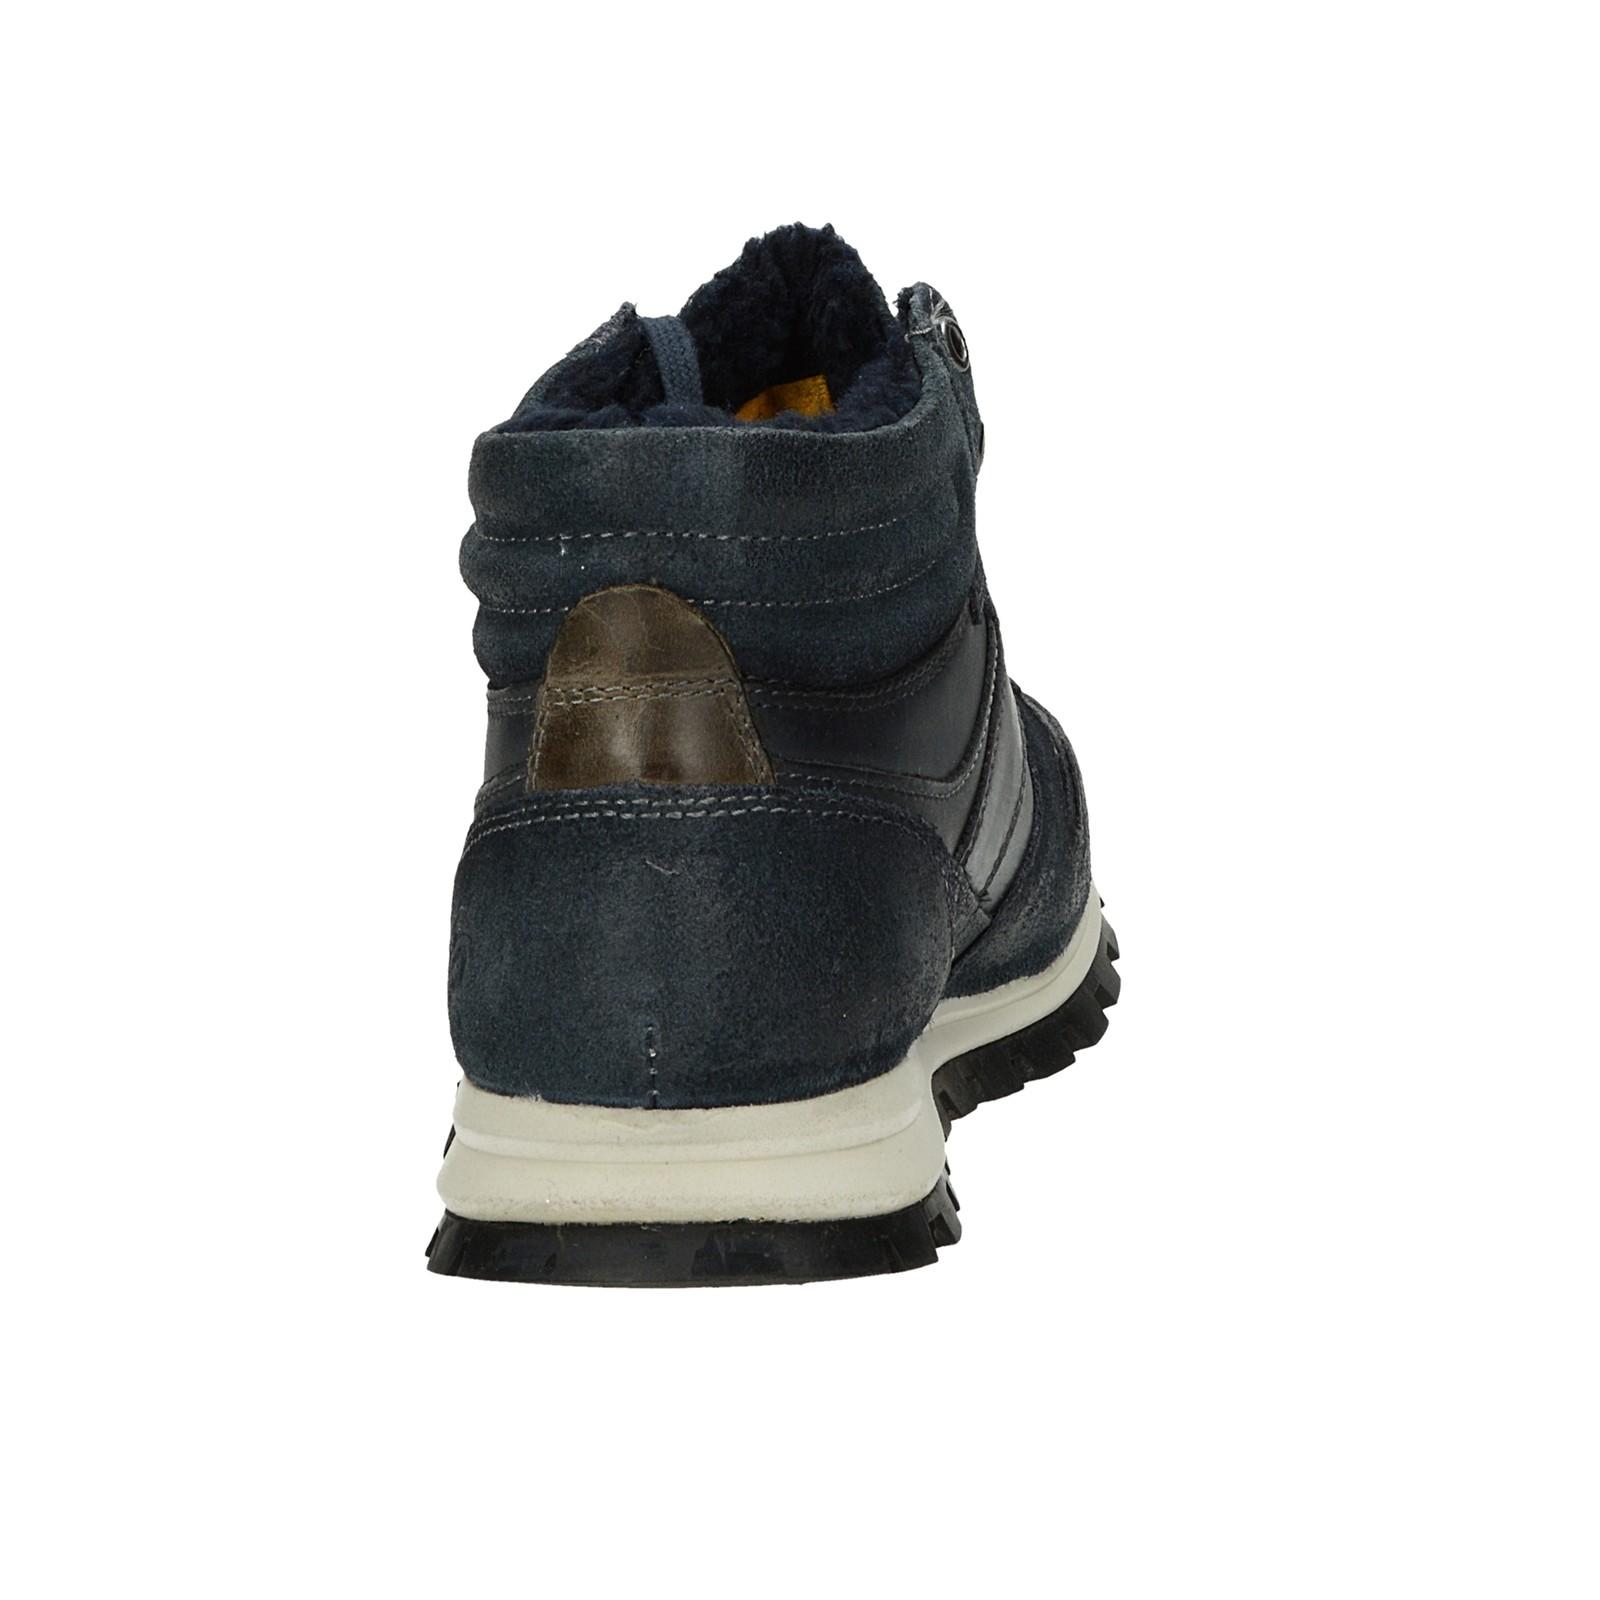 Dockers pánska kožená členková obuv - tmavomodrá